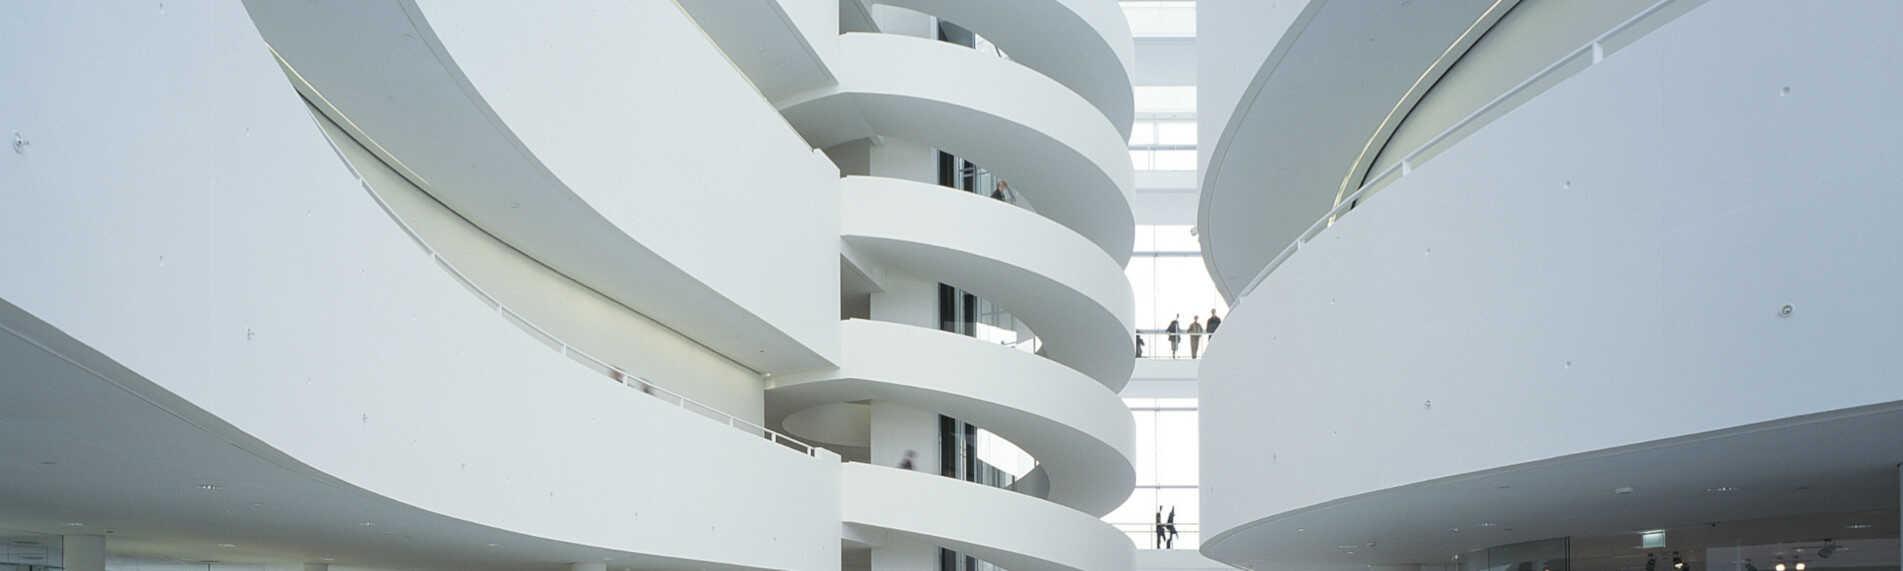 Perfekt befuktning och minimala energiomkostningar på ARoS Aarhus Konstmuseum